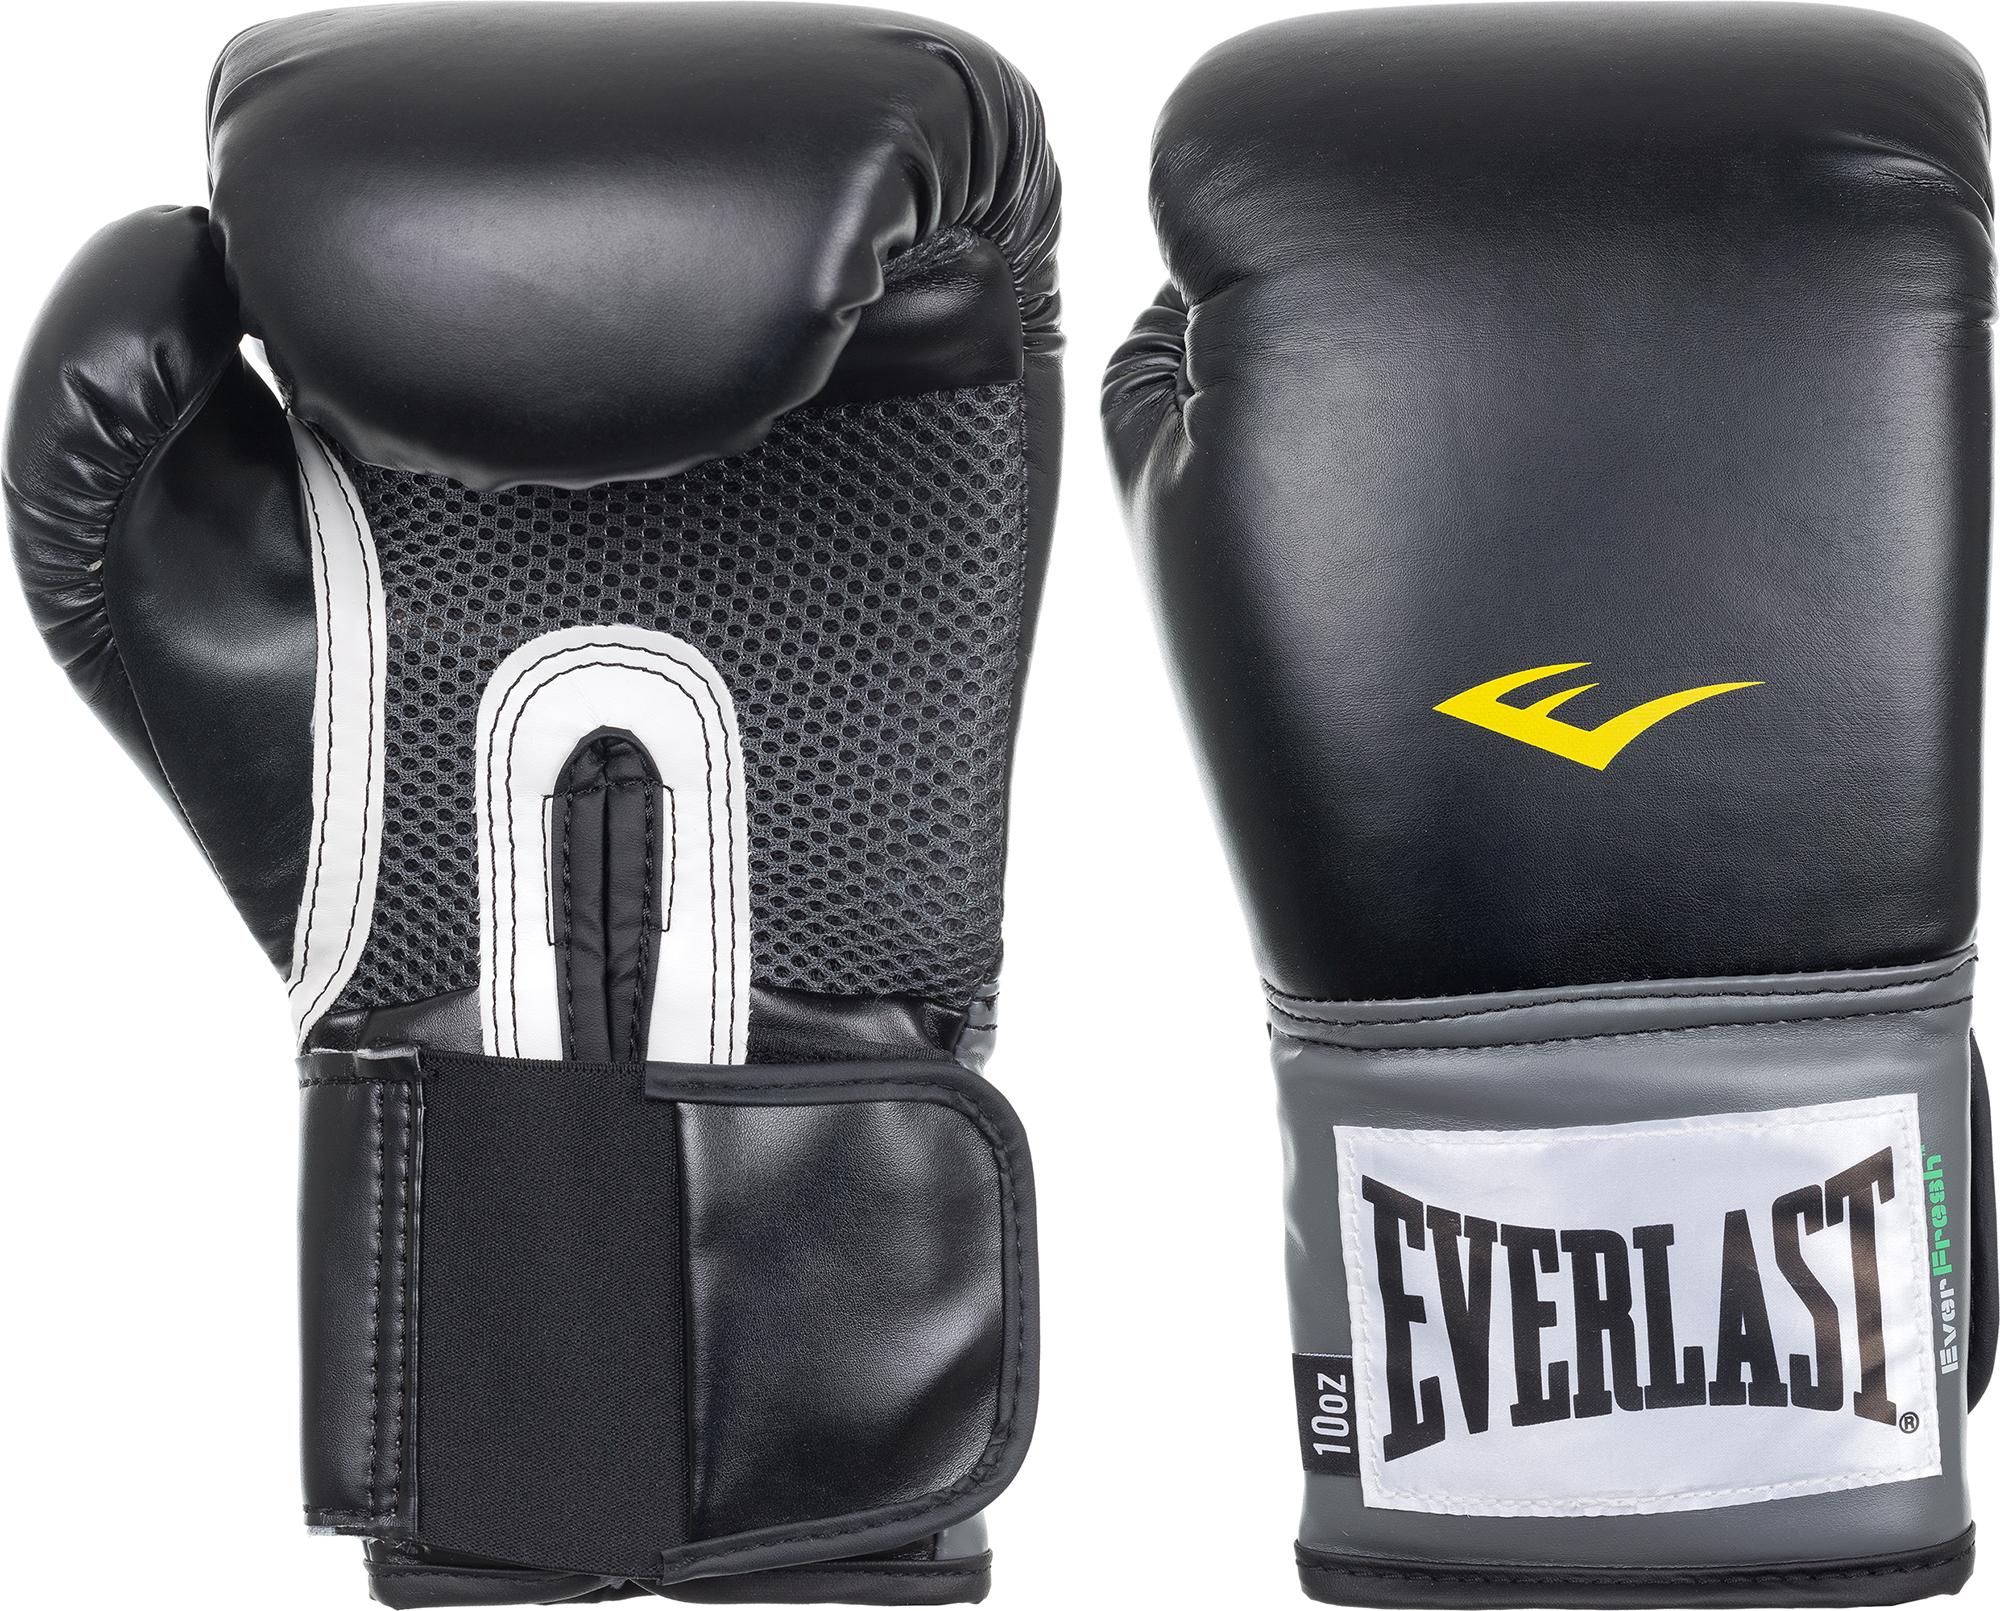 Everlast Перчатки тренировочные Everlast PU Pro Style, размер 14 oz ноутбук asus rog gl702vm gc271 17 3